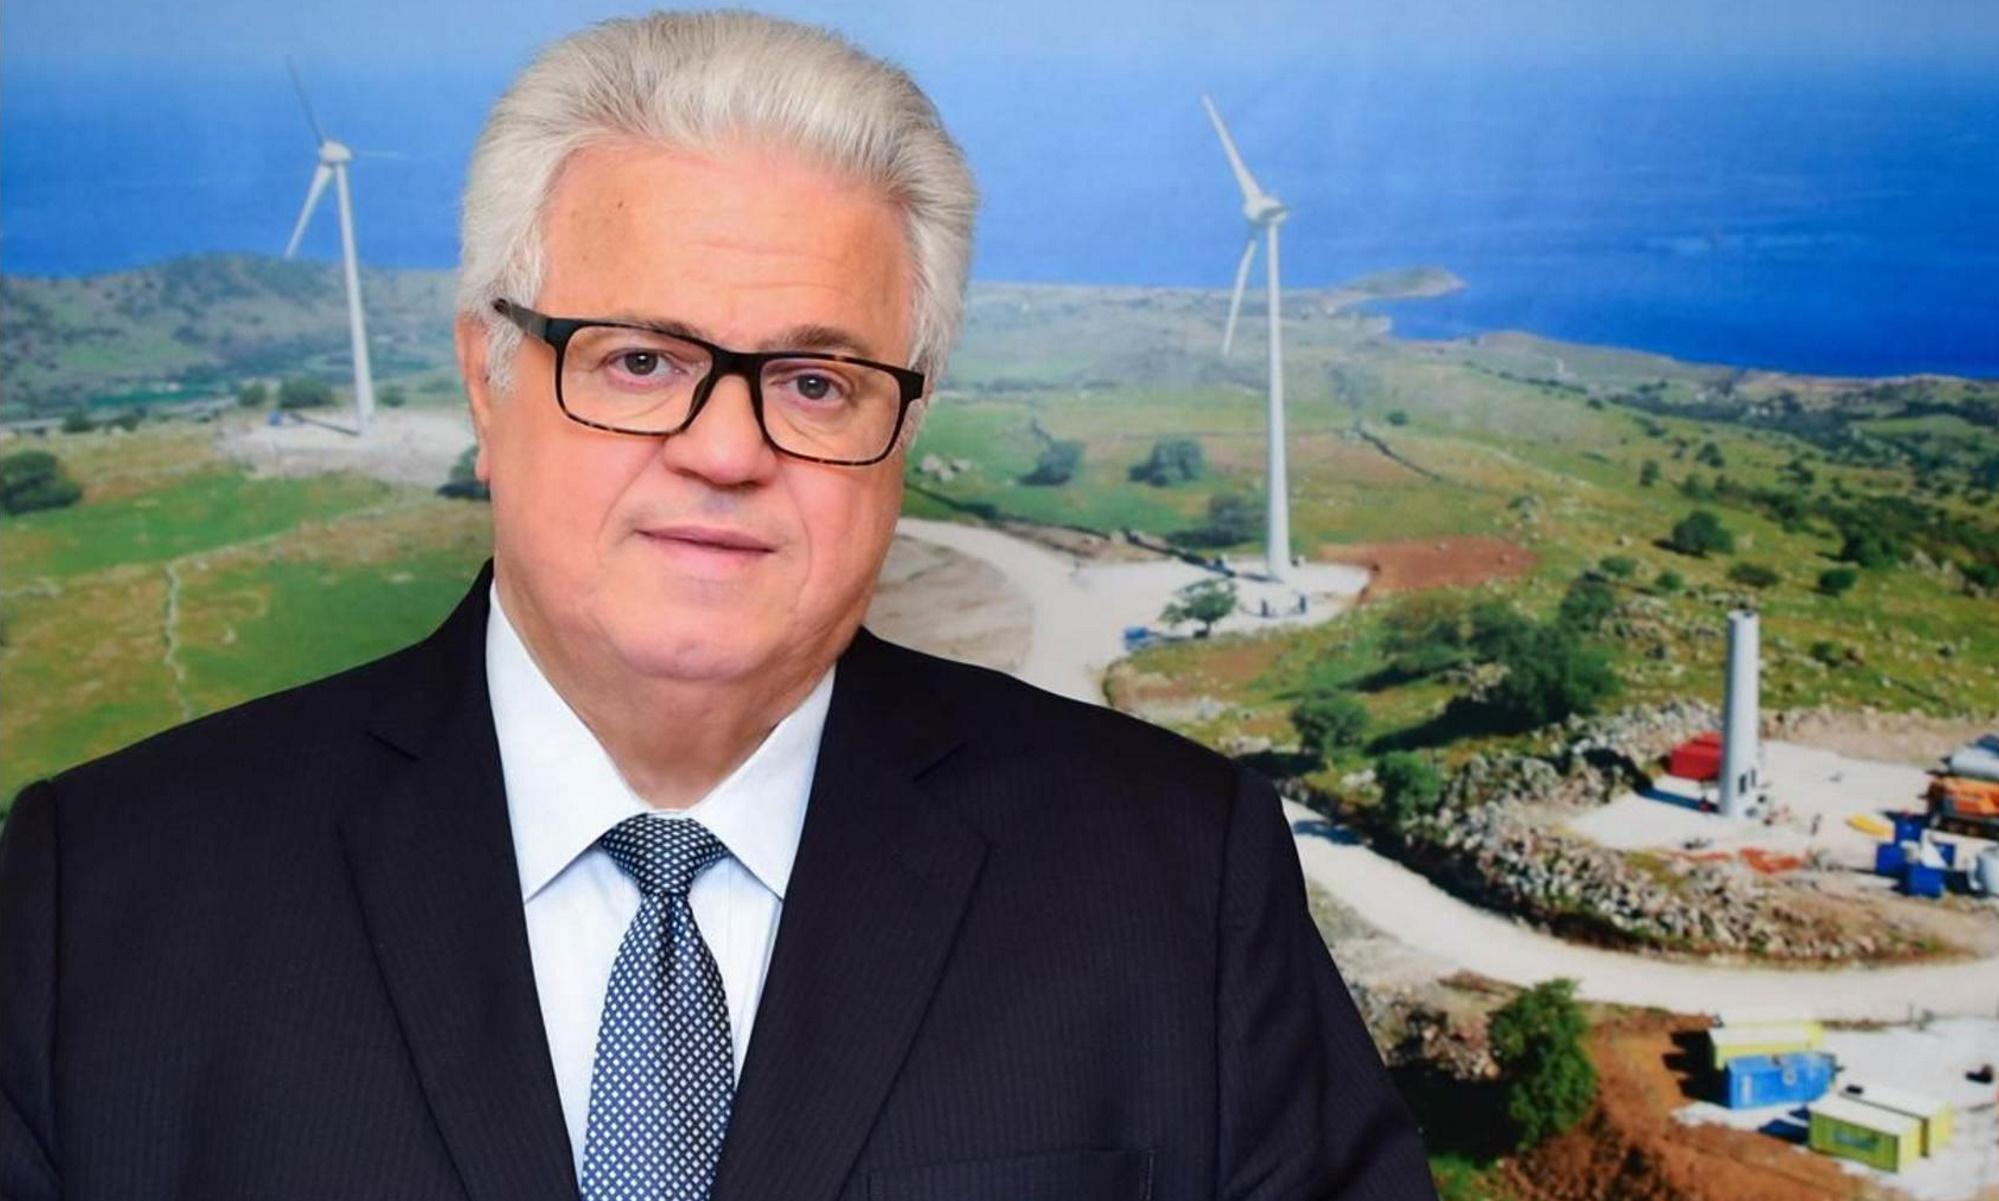 Γιάννης Γιαρέντης: Το μήνυμα του προέδρου της ΔΑΠΕΕΠ για την «Παγκόσμια Ημέρα της Γης»